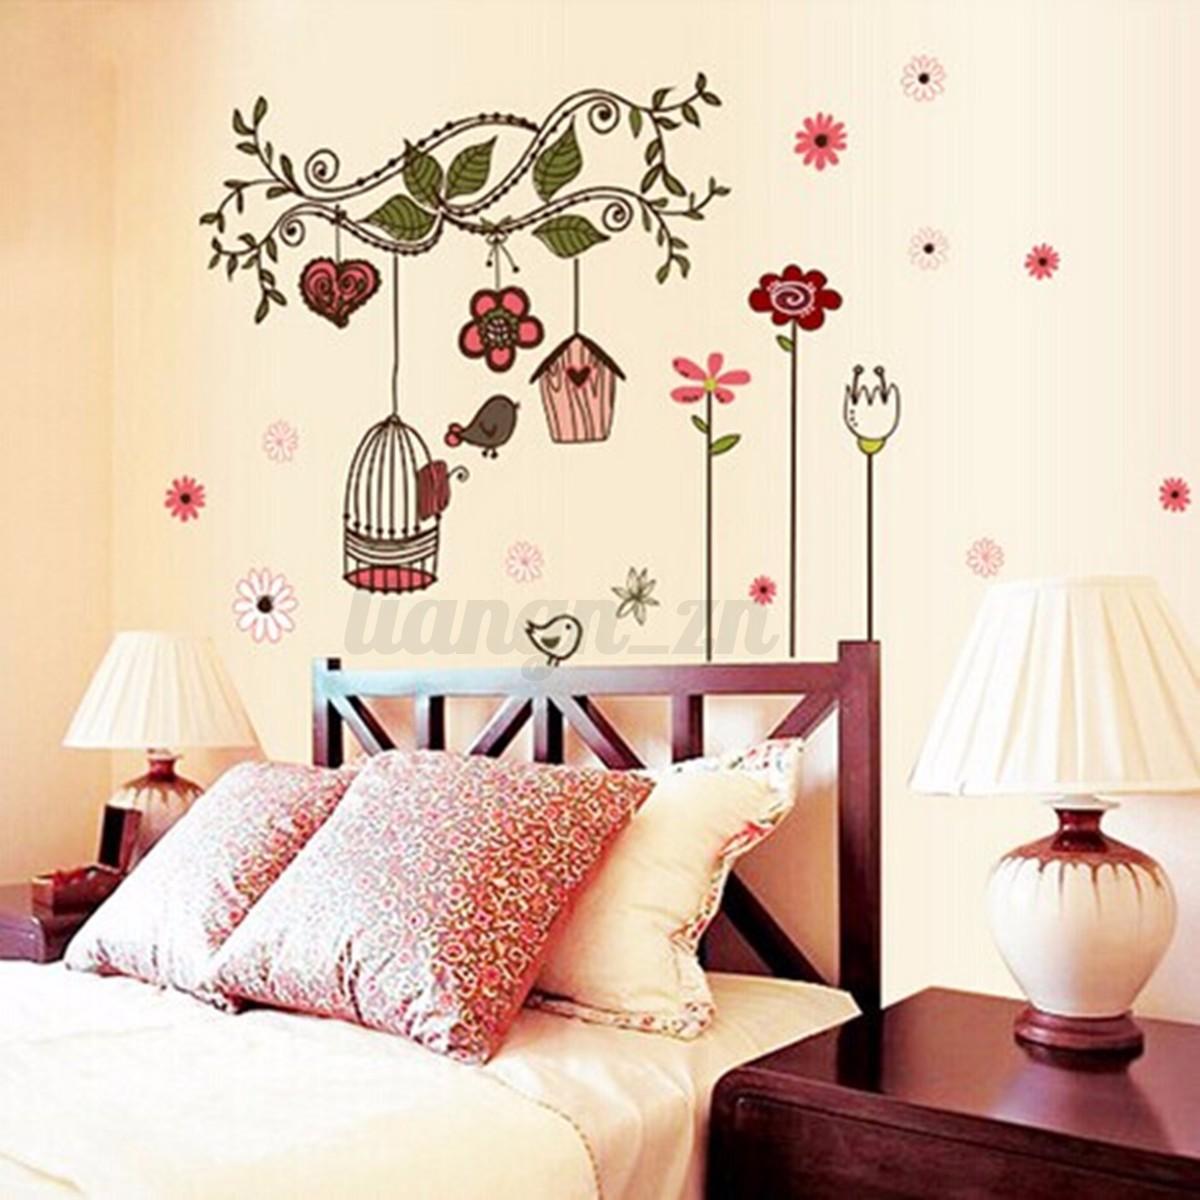 Sticker mural fleur branche cage oiseau mur décoration